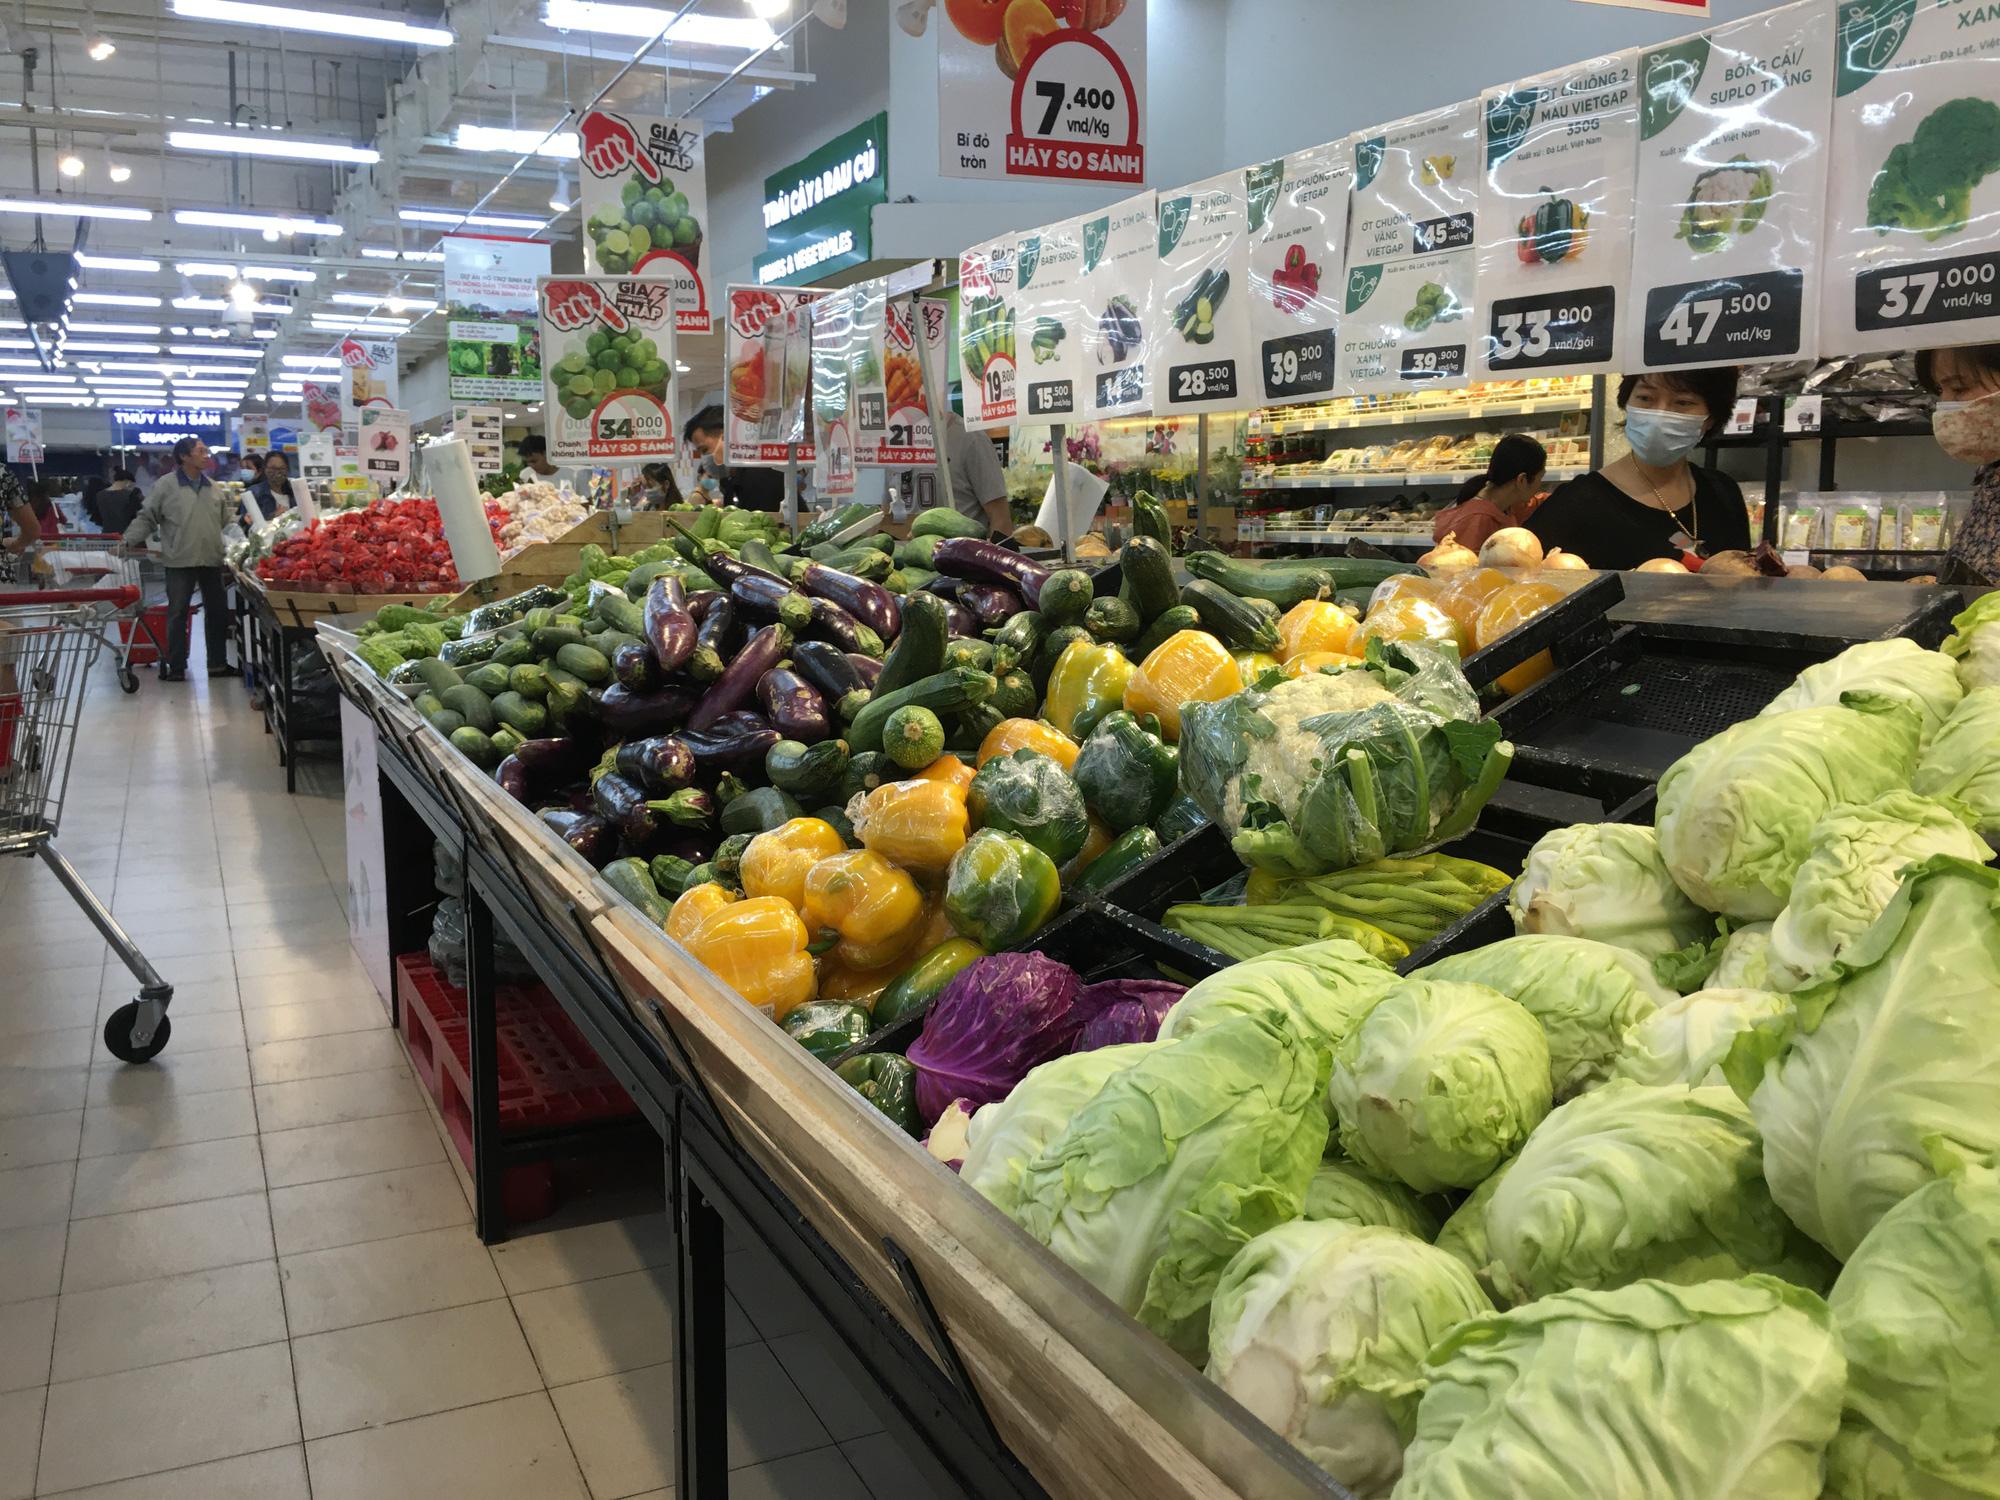 Người dân Đà Nẵng nếu bị cách li diện rộng, thực phẩm cung cấp thế nào? - Ảnh 1.